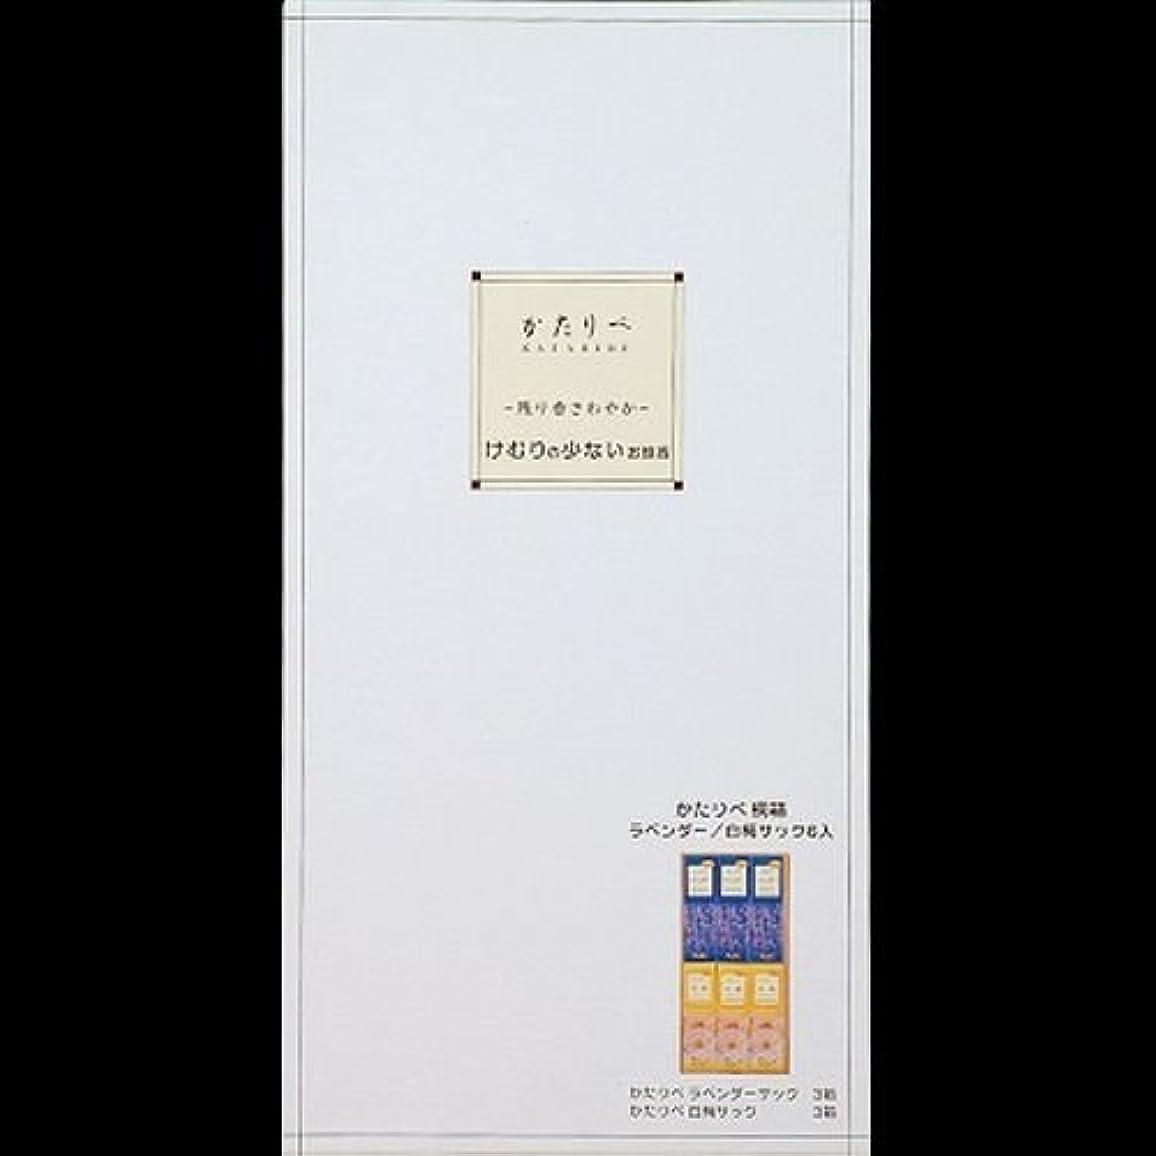 クラッシュ無意識実業家【まとめ買い】かたりべ 桐箱 ラベンダー?白梅 サック6入 ×2セット